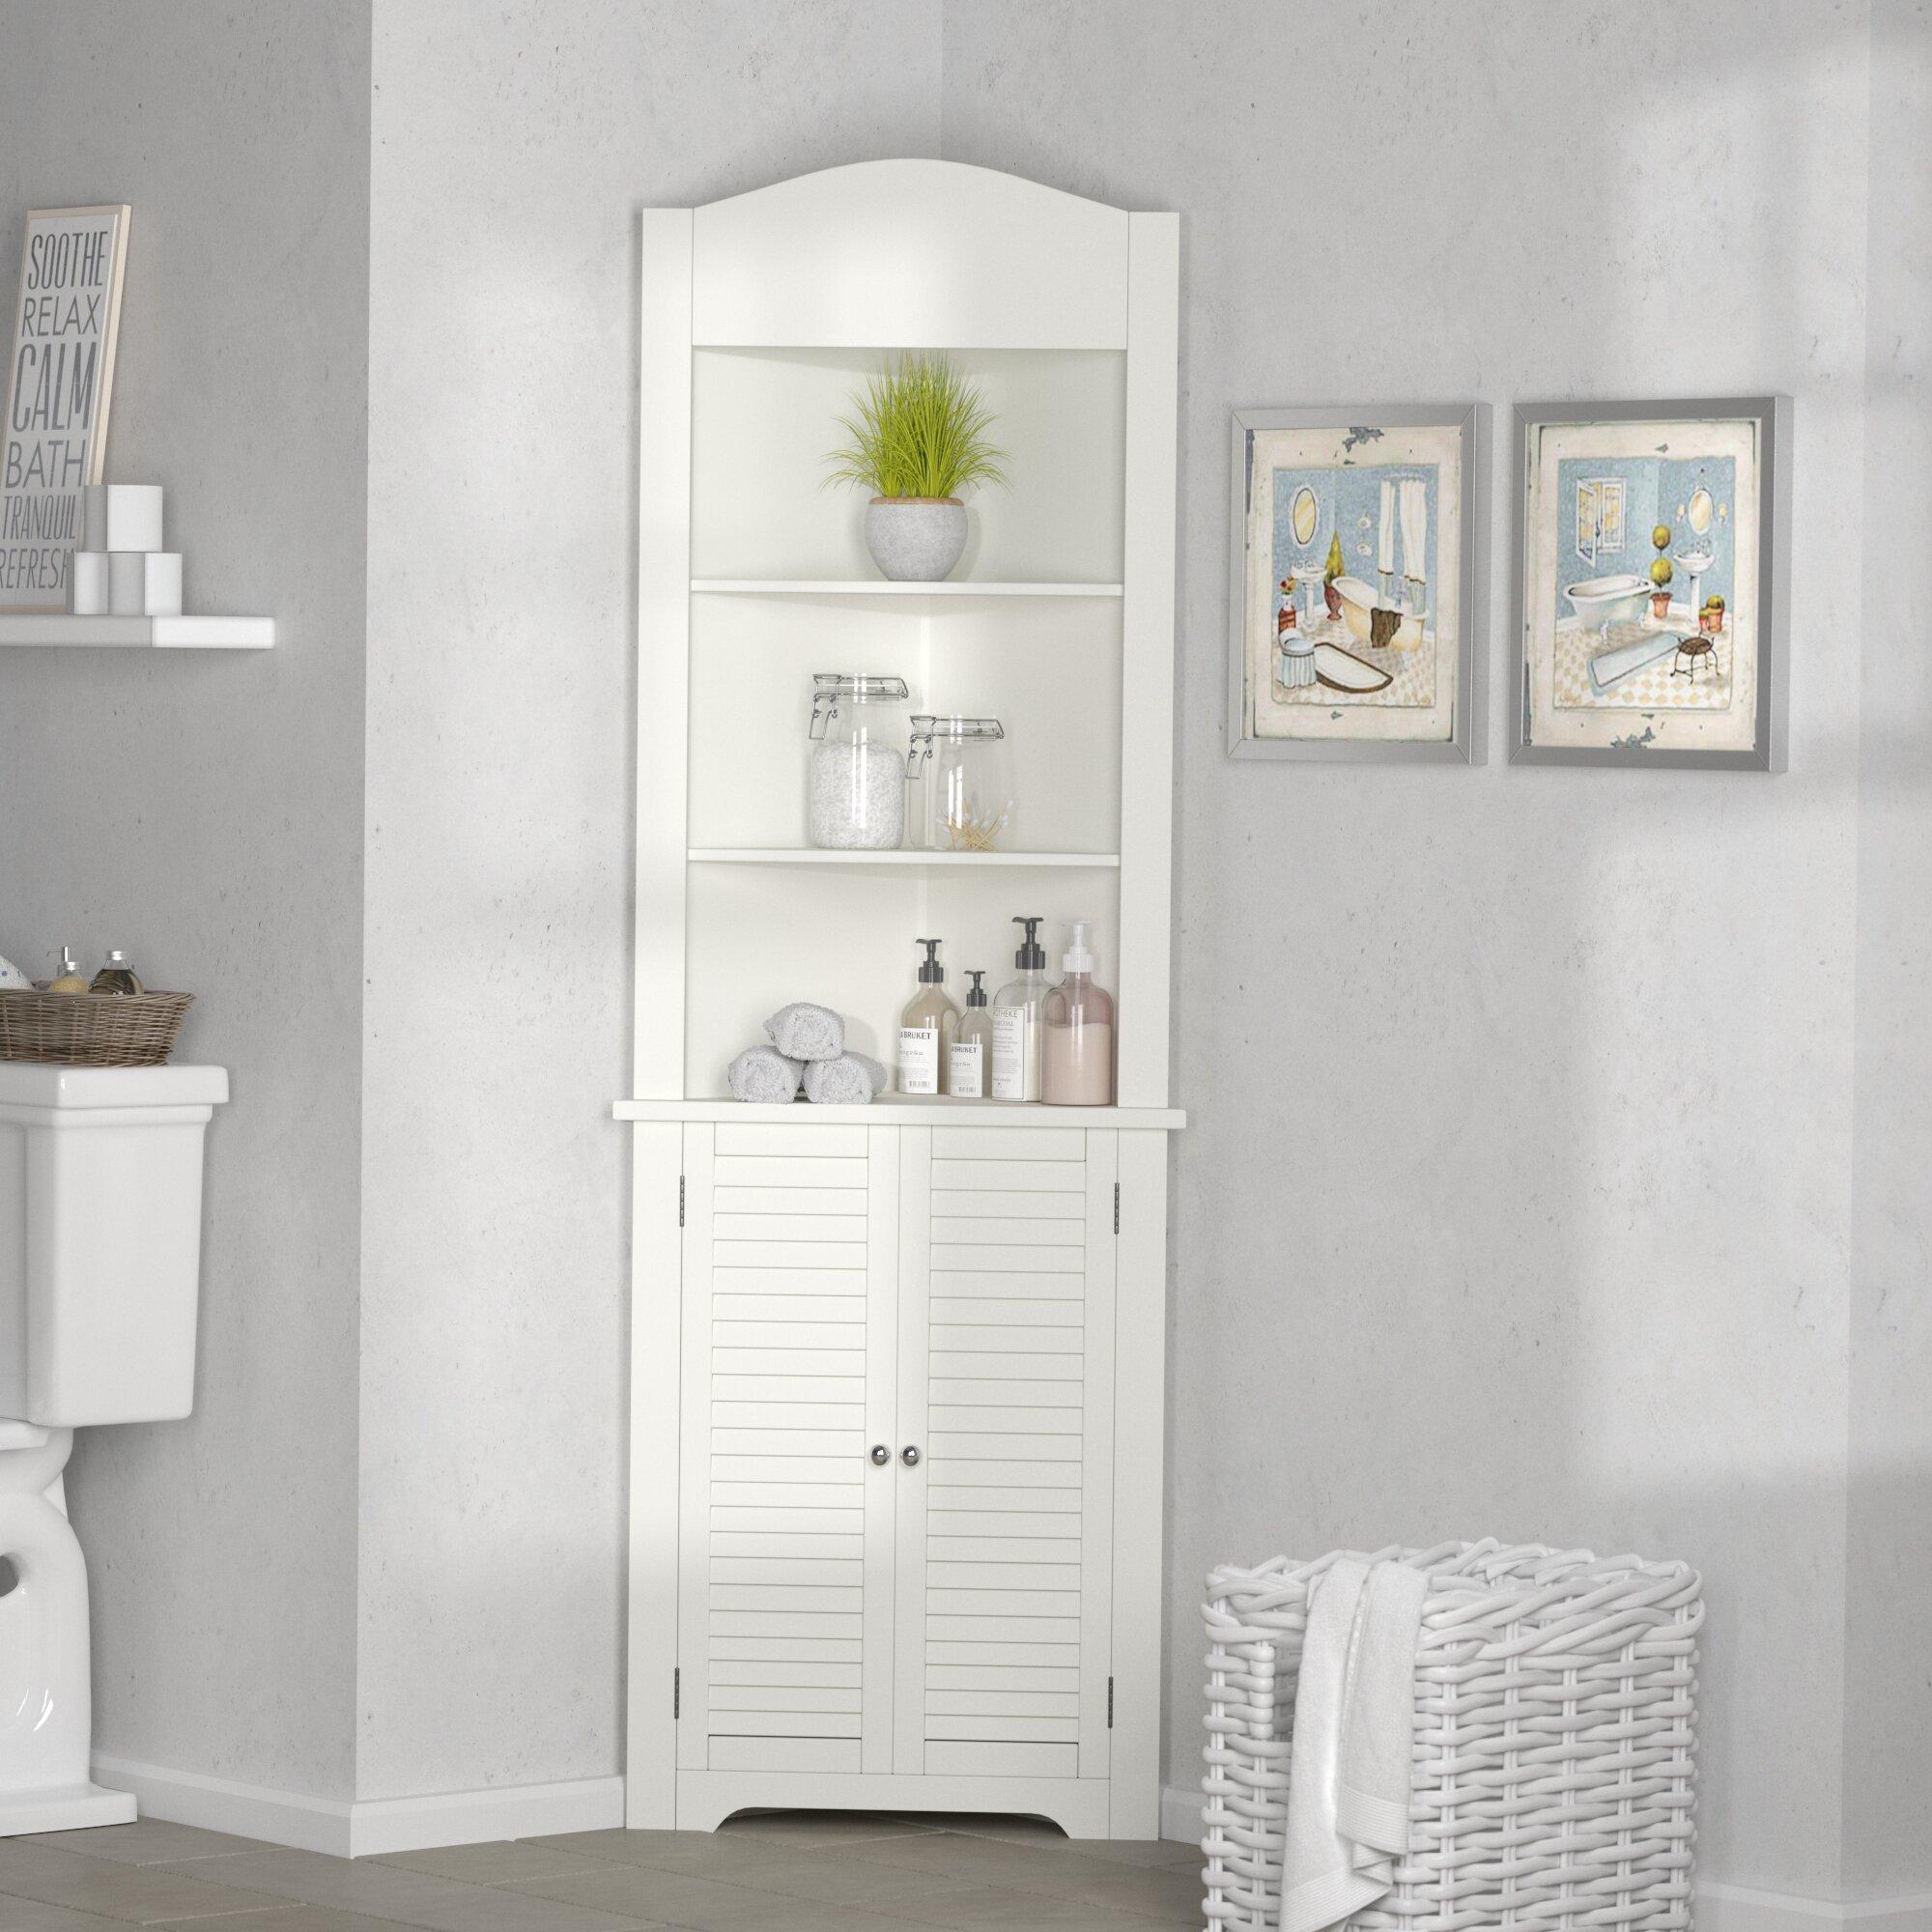 Rebrilliant Ellsworth 23 25 W X 68 31 H X 17 5 D Linen Cabinet Reviews Wayfair